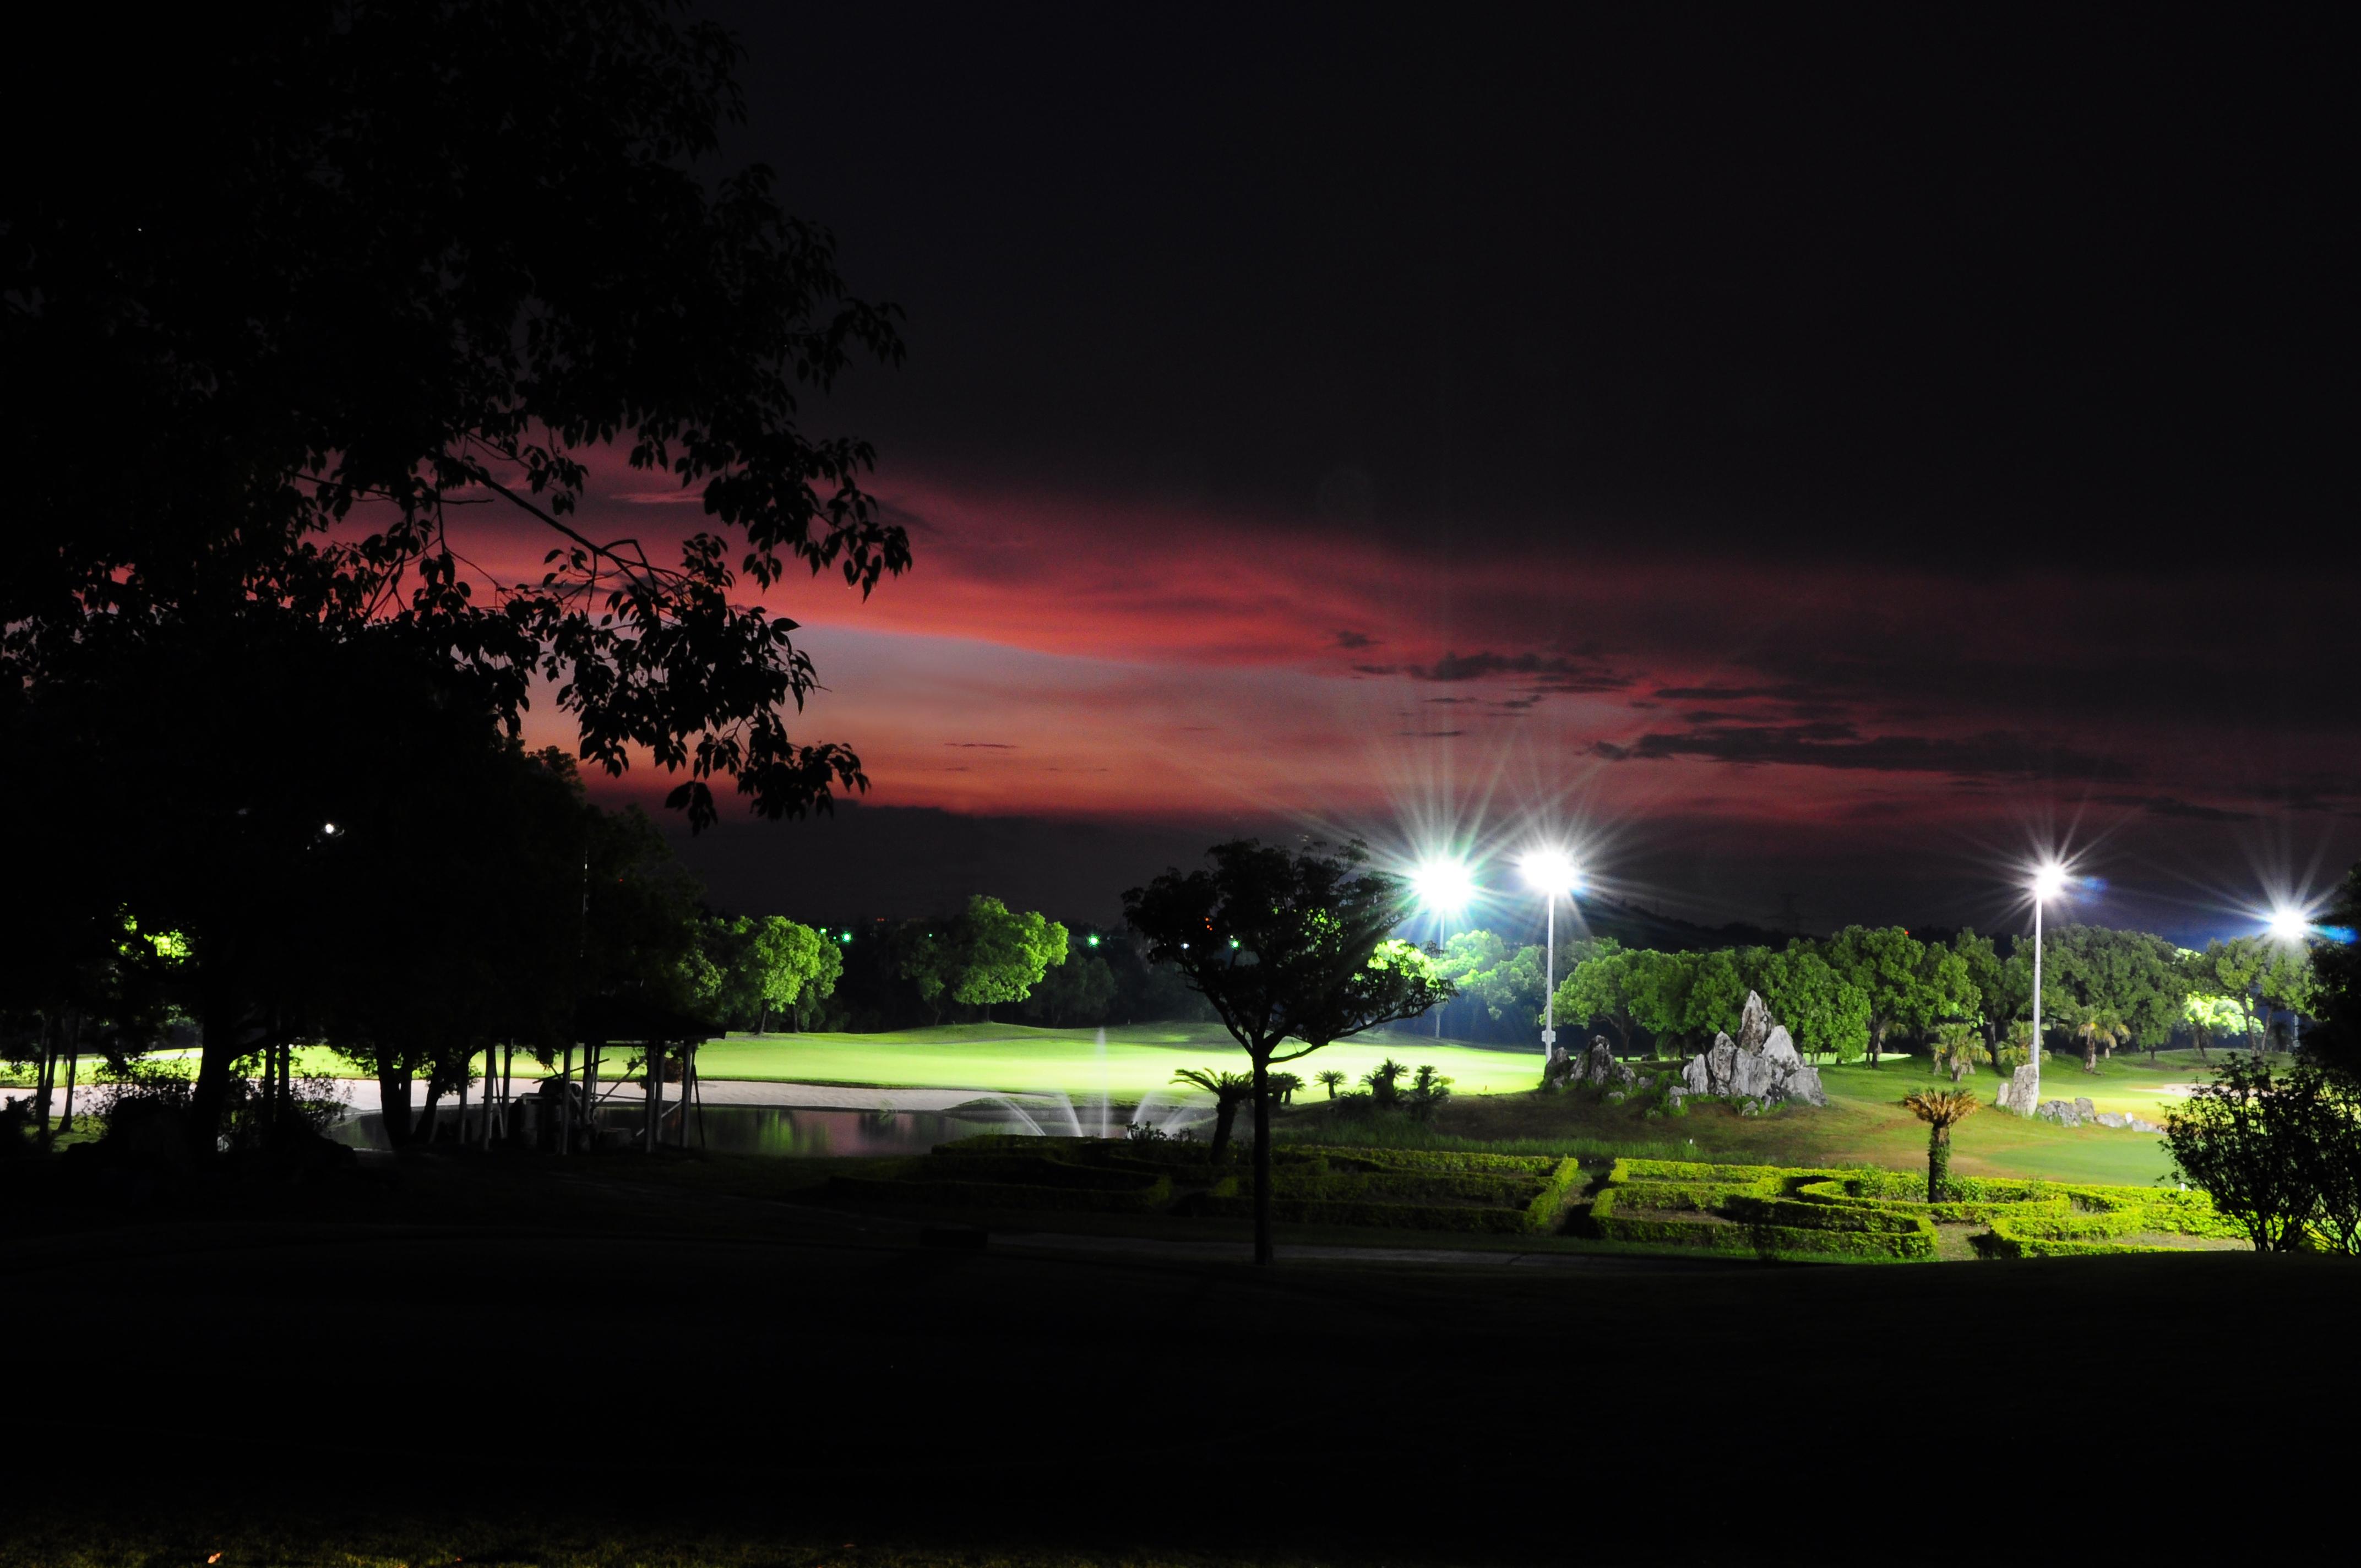 【ただはるのFINESHOT in TAIWAN】広大な敷地に造られた台湾南部唯一のナイターコース「大崗山ゴルフコース」